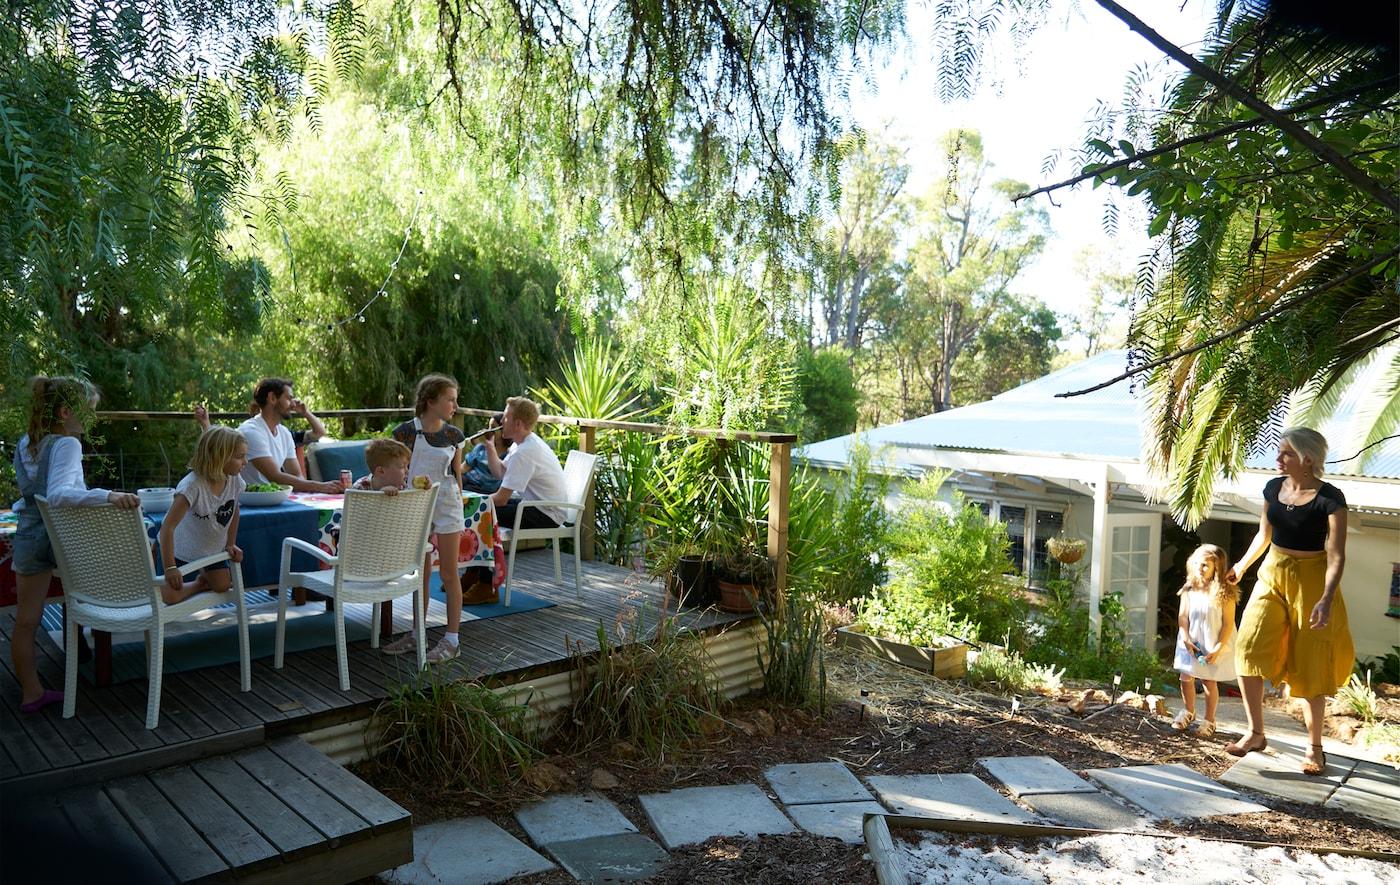 Un groupe de personnes assises autour d'une table sur une terrasse surélevée dans un jardin avec de la verdure et des dalles.